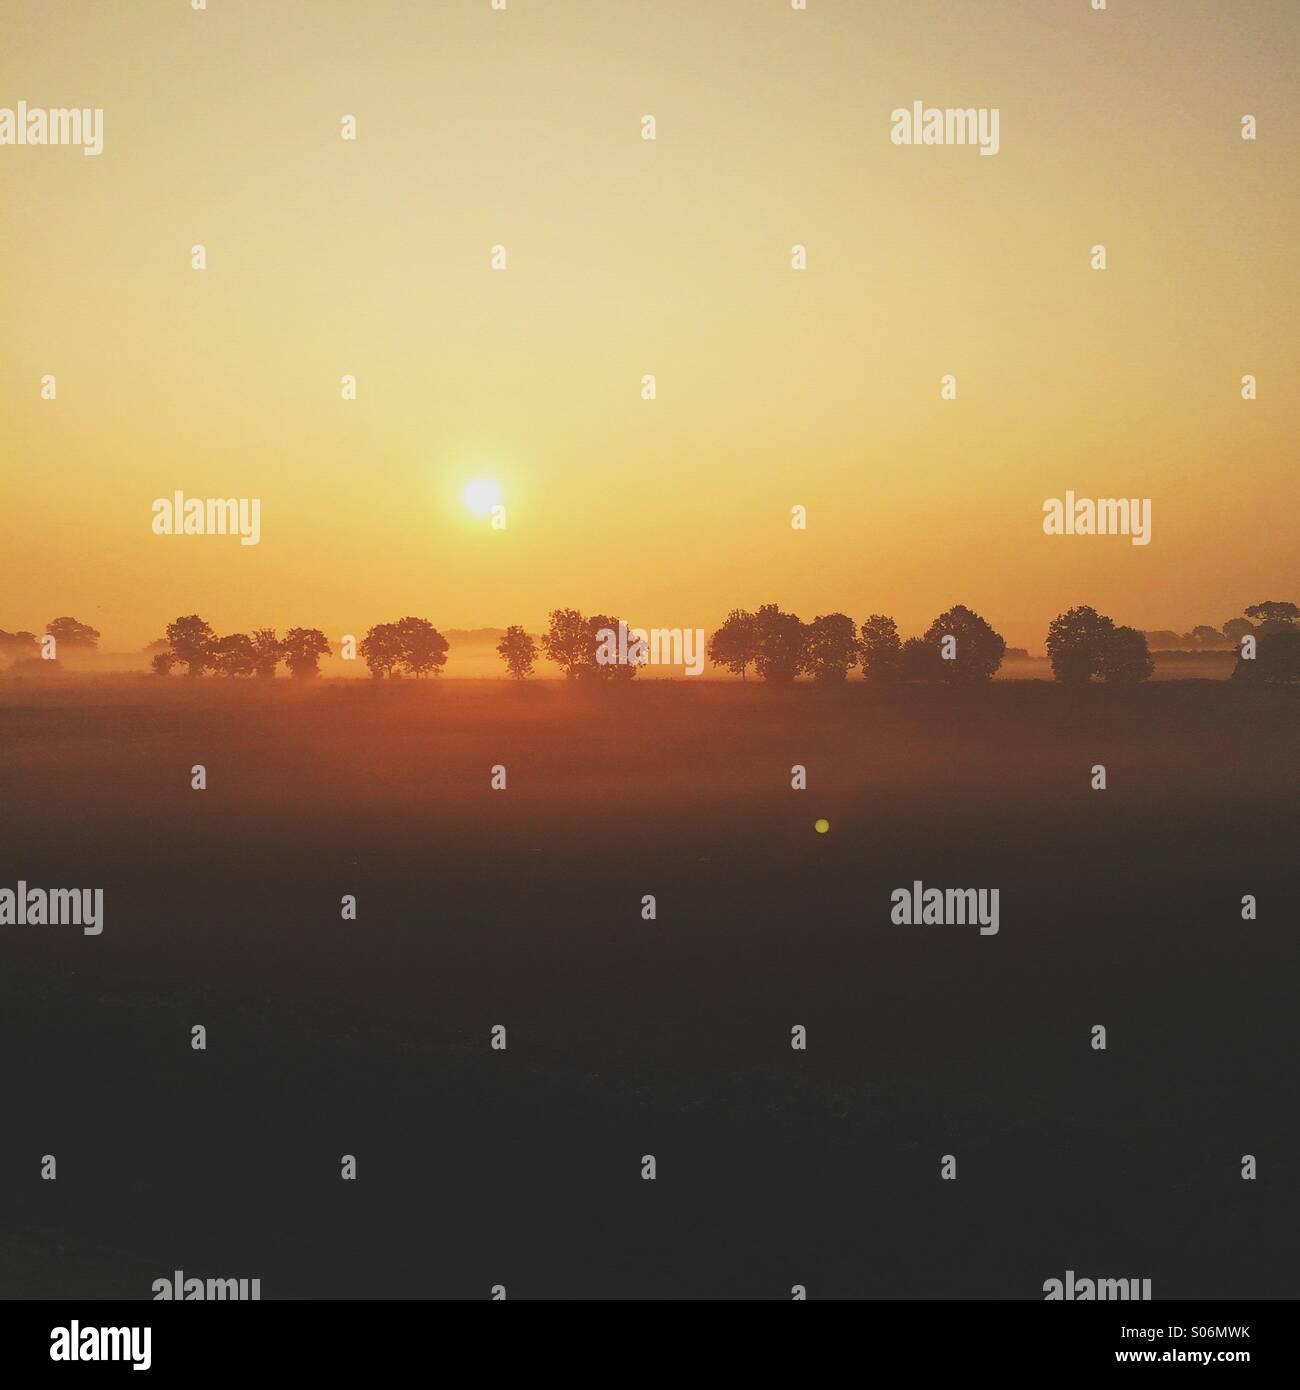 Sunrise on a foggy morning - Stock Image